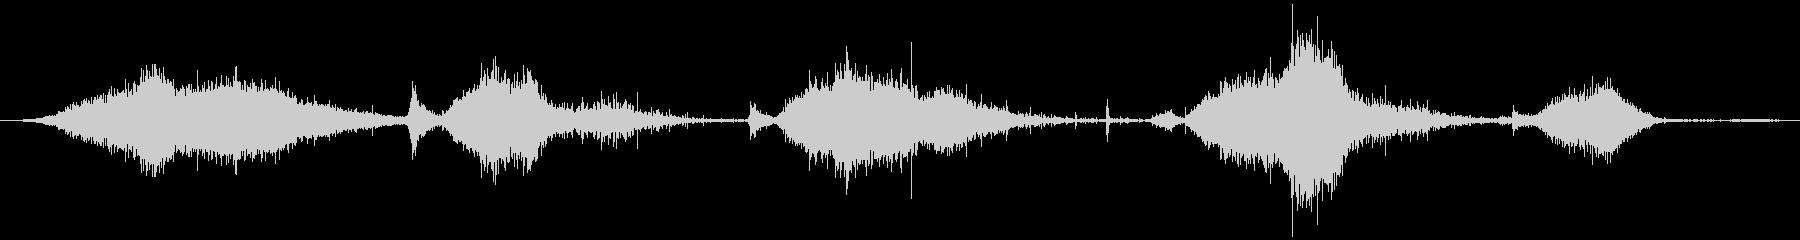 剛毛プッシュほうき:コンクリート、...の未再生の波形